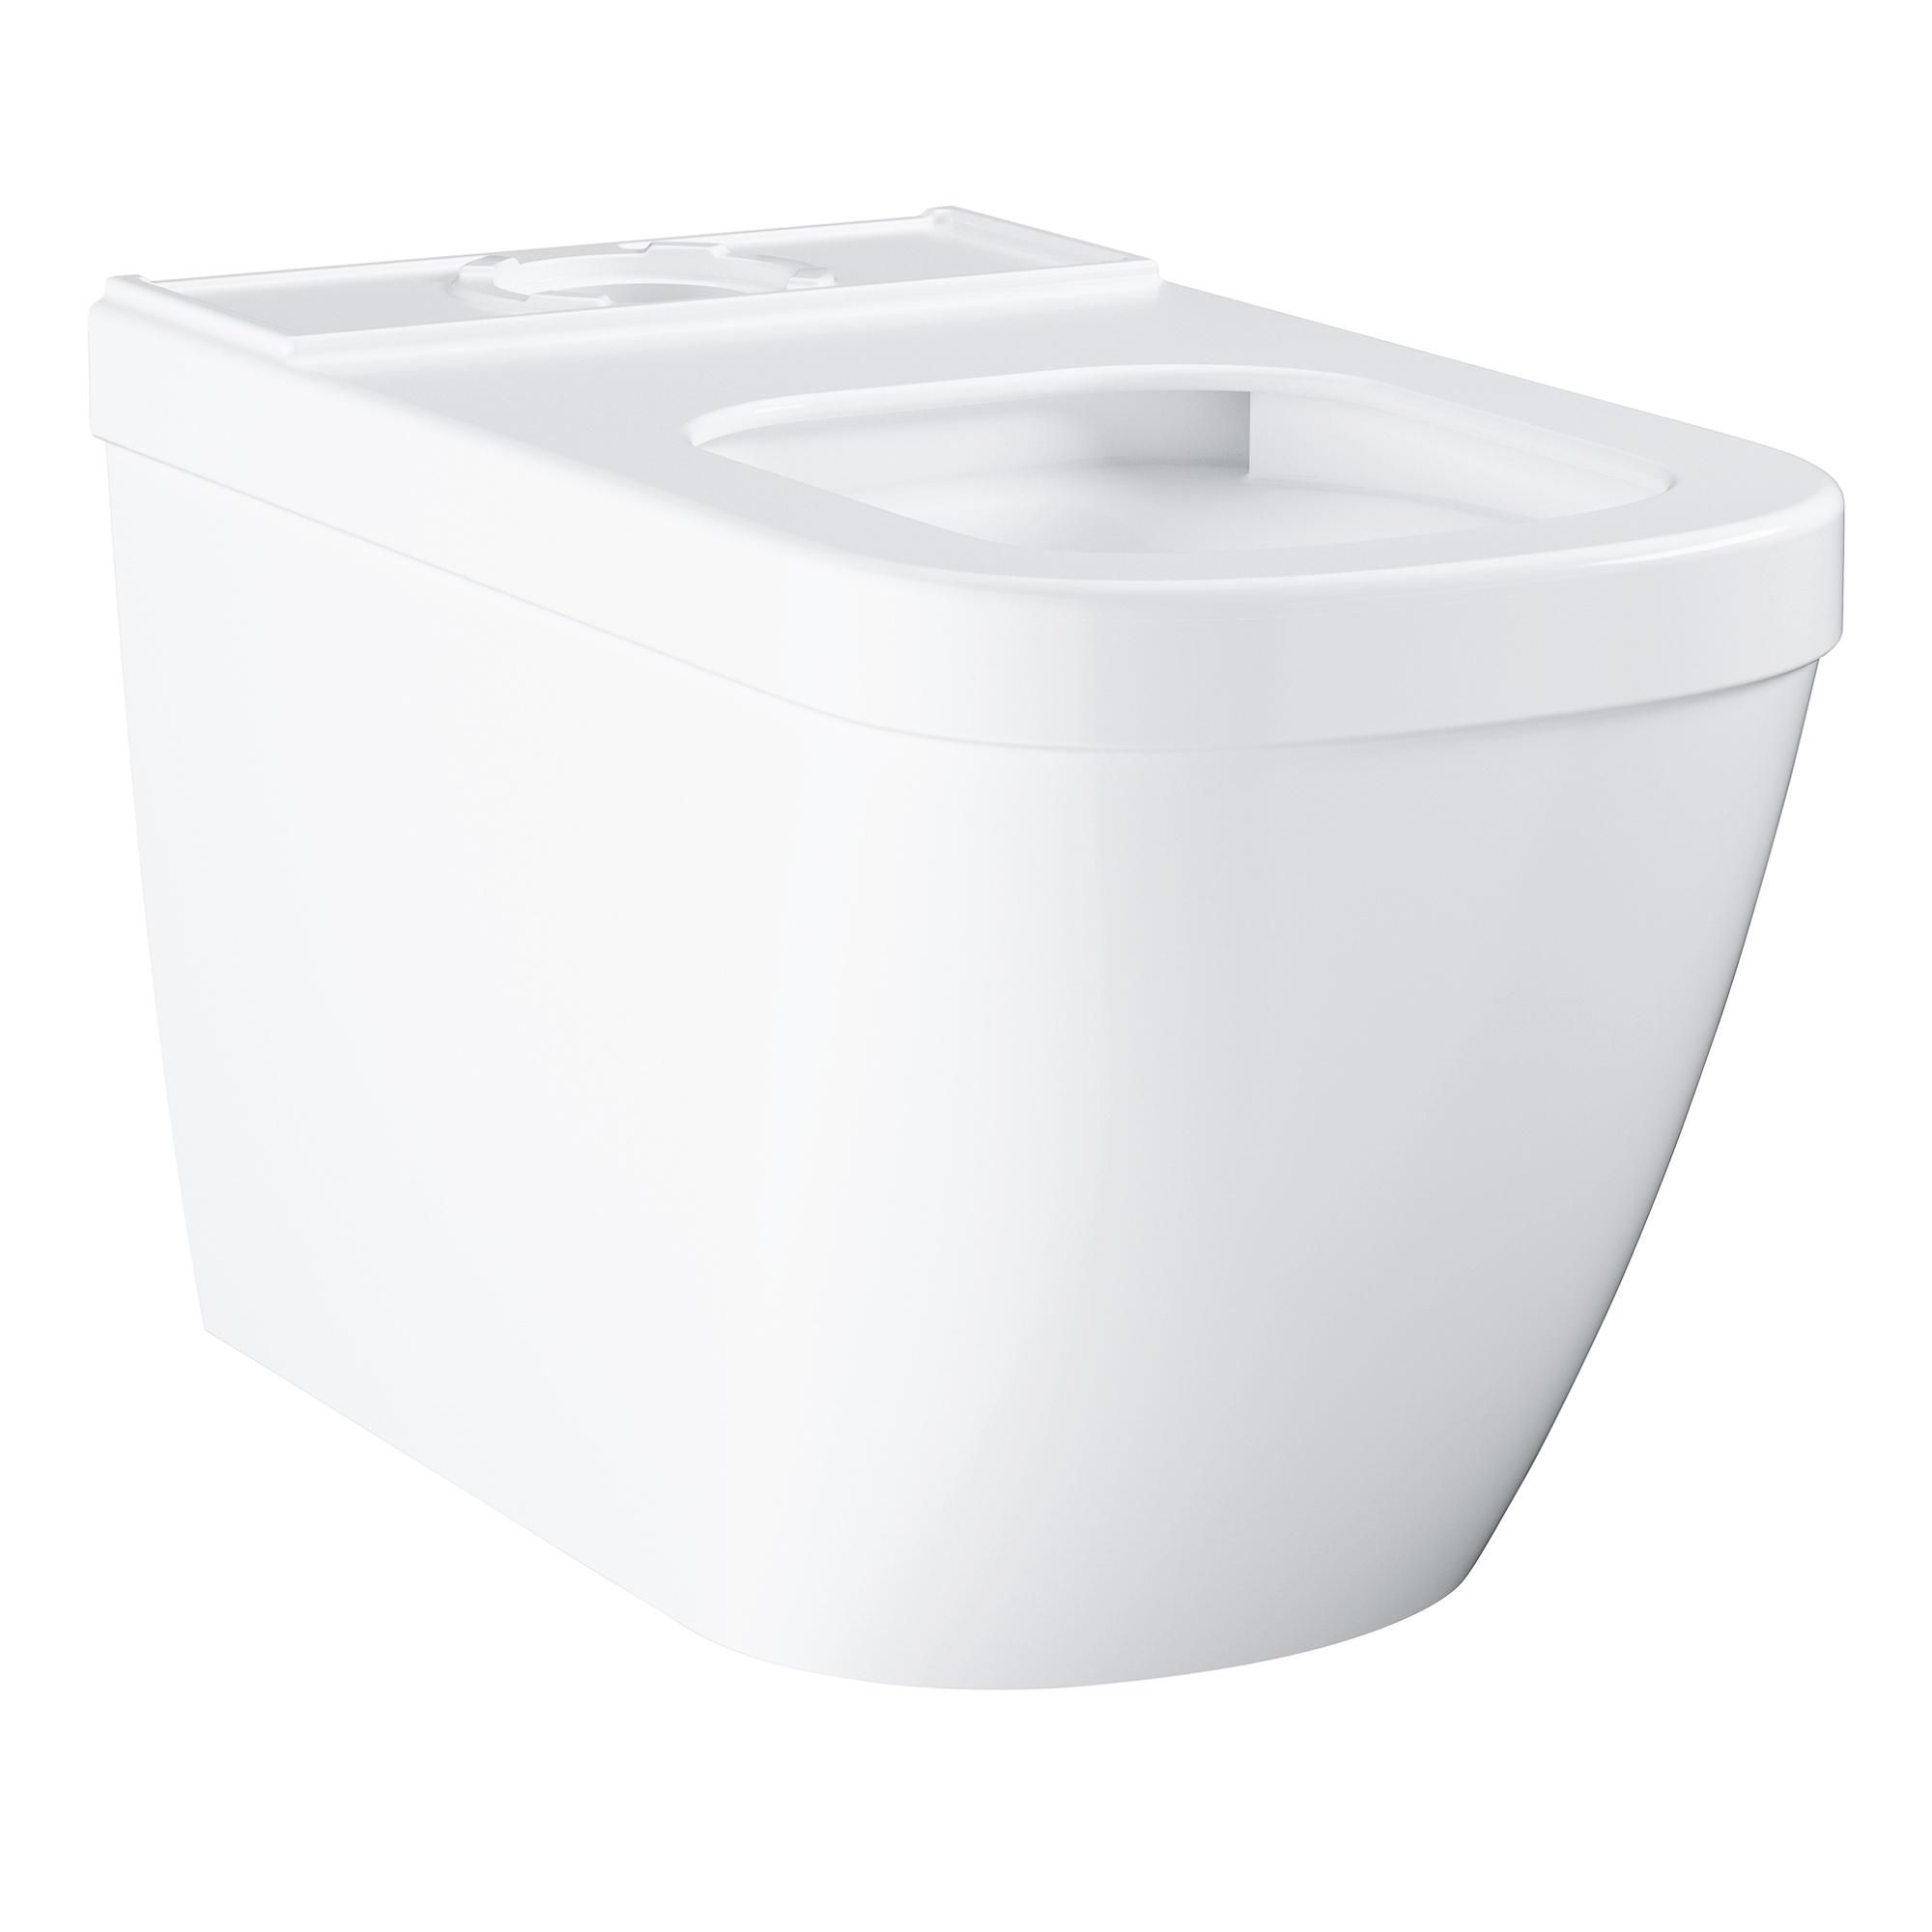 Купить Напольный безободковый унитаз GROHE Euro Ceramic с гигиеническим покрытием (без бачка и сиденья), альпин-белый (3933800H), Унитазы приставные, Вьетнам, сантехнический фарфор